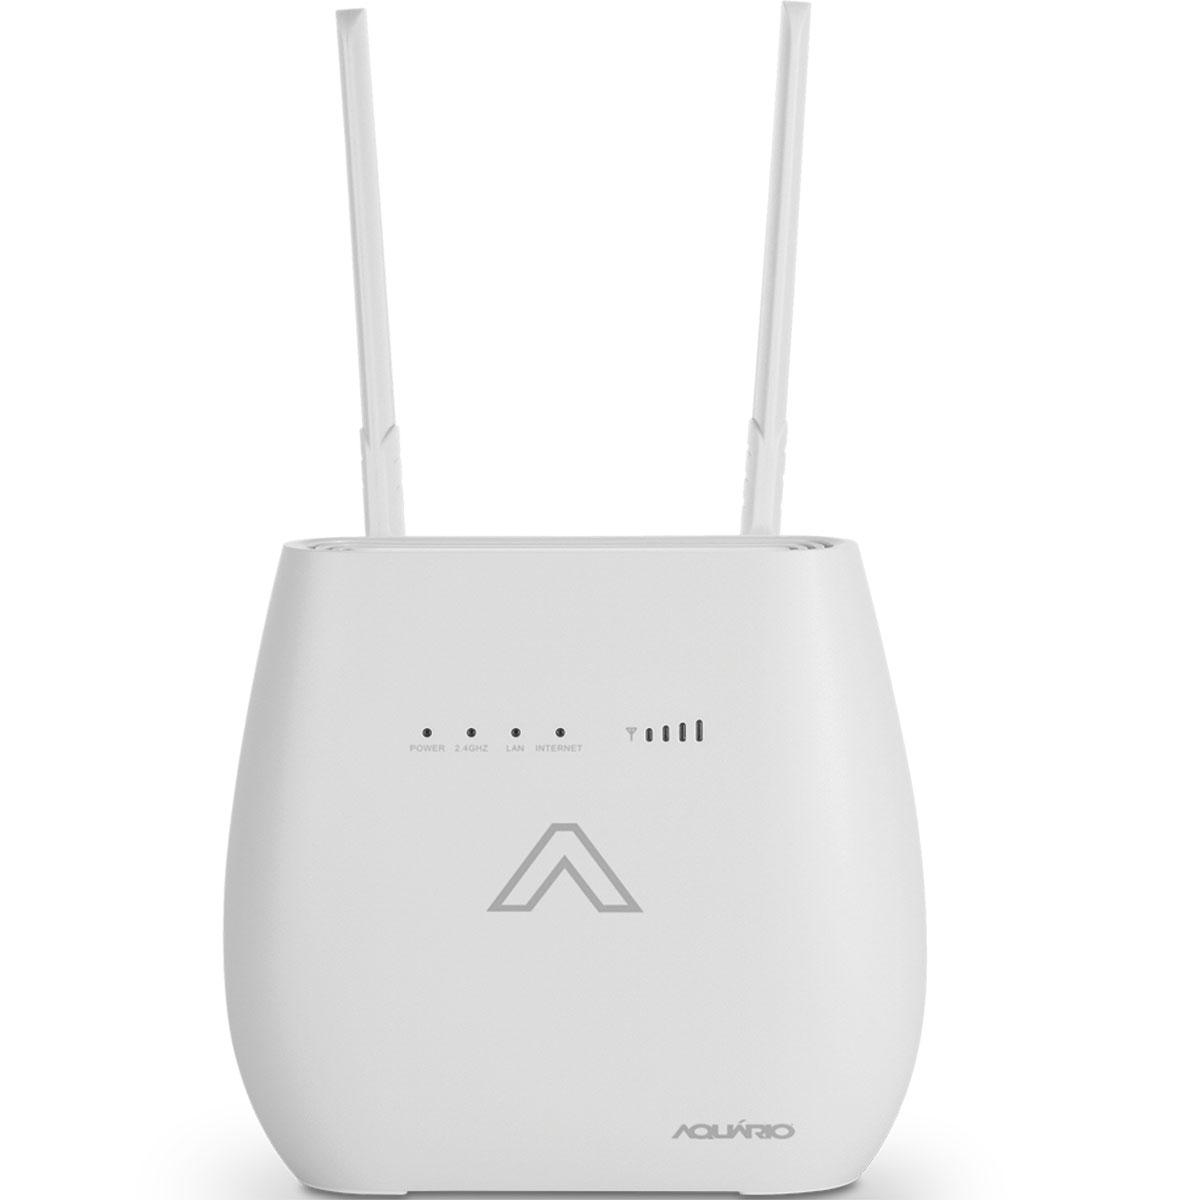 MODEM 4G WI-FI MD-4000  - Audio Video & cia